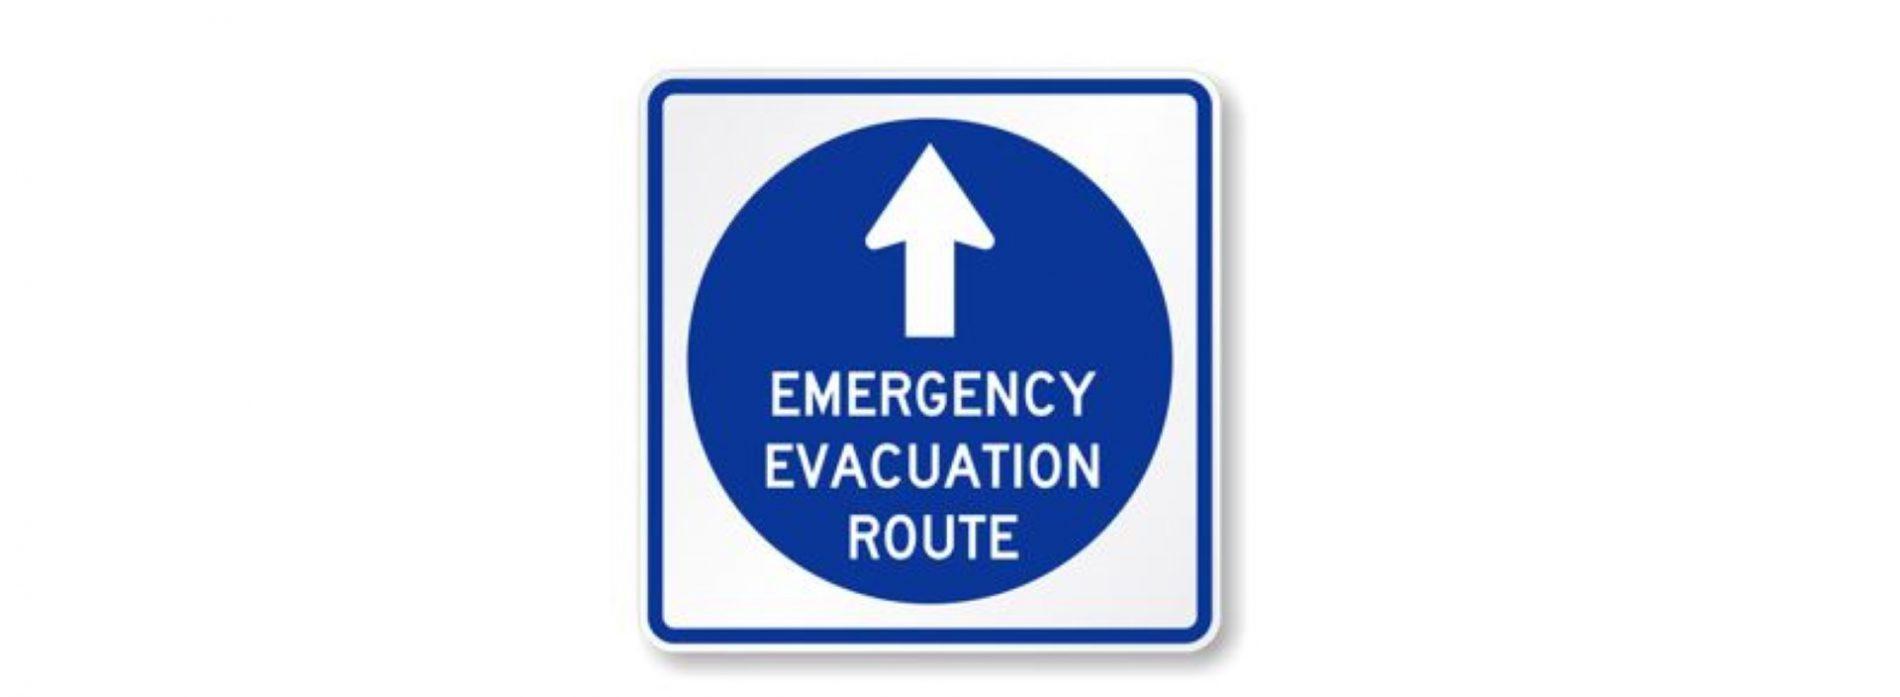 emergency-evacuation-large